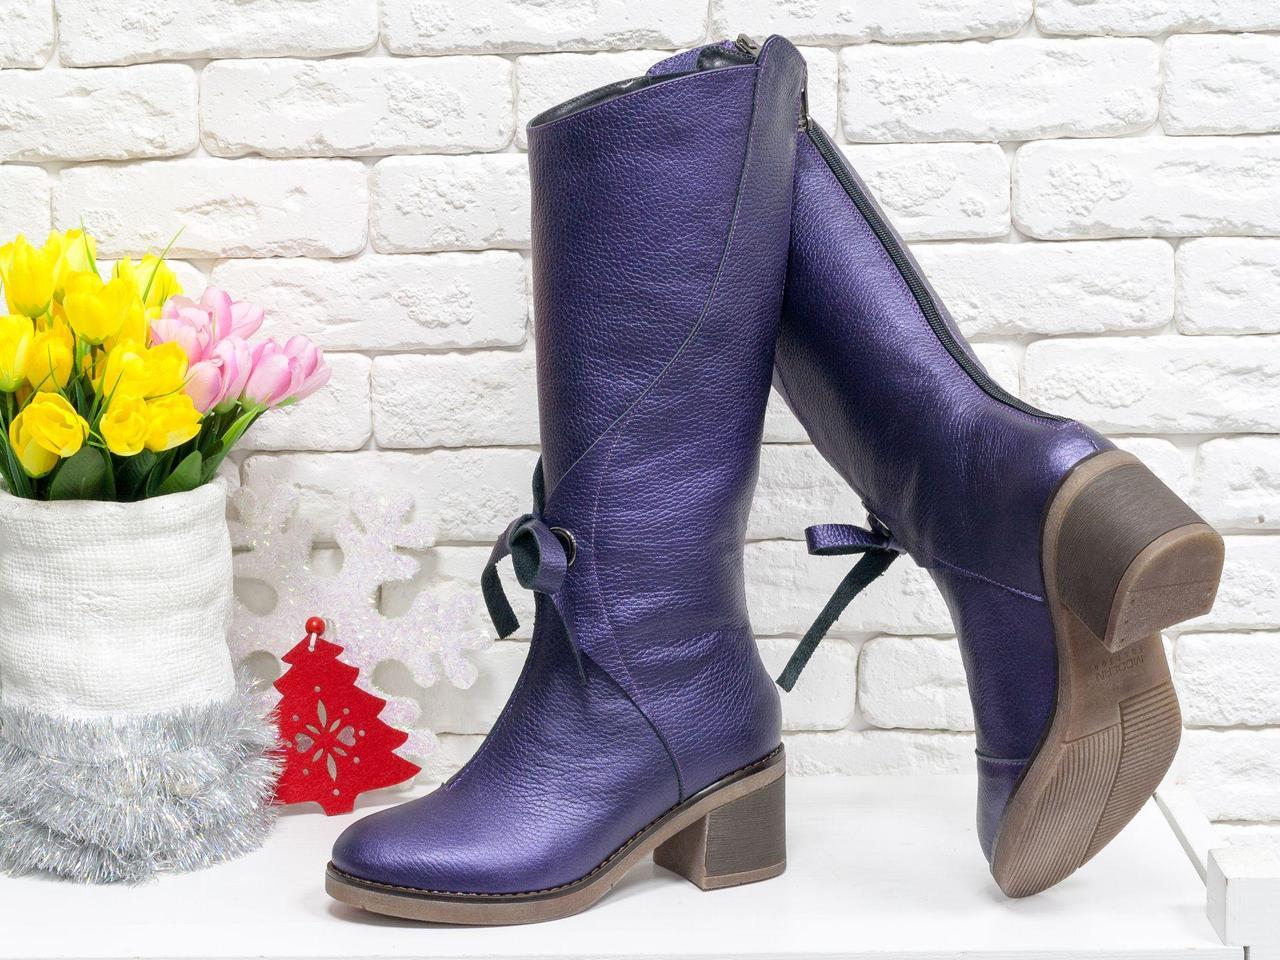 Стильные невысокие сапоги из натуральной кожи флотар насыщенного фиолетового цвета с легким перламутровым блеском, на удобном невысоком каблуке,  ТМ